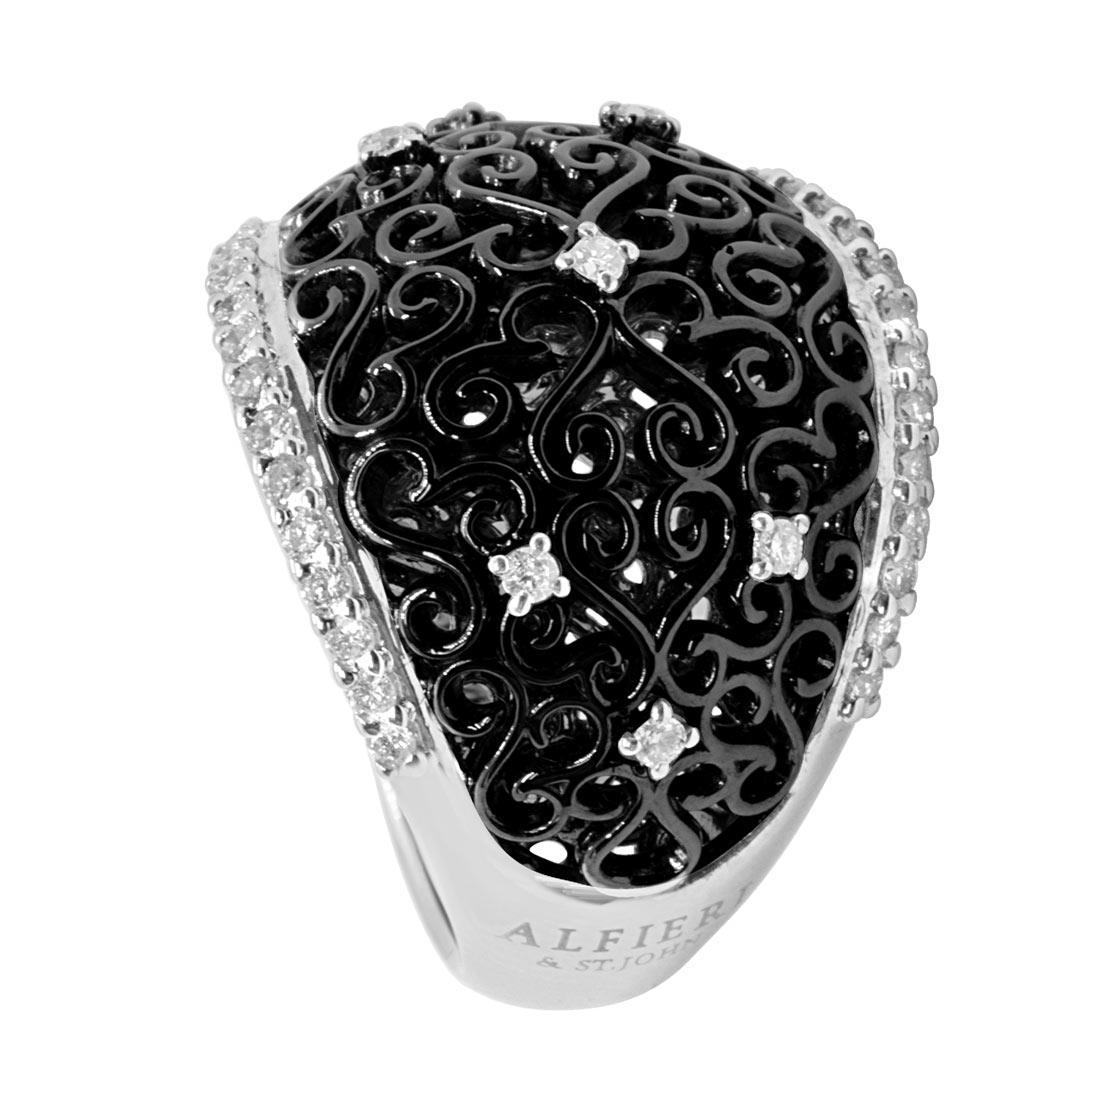 Anello a fascia in oro bianco e nero con diamanti mis 12 - ALFIERI ST JOHN